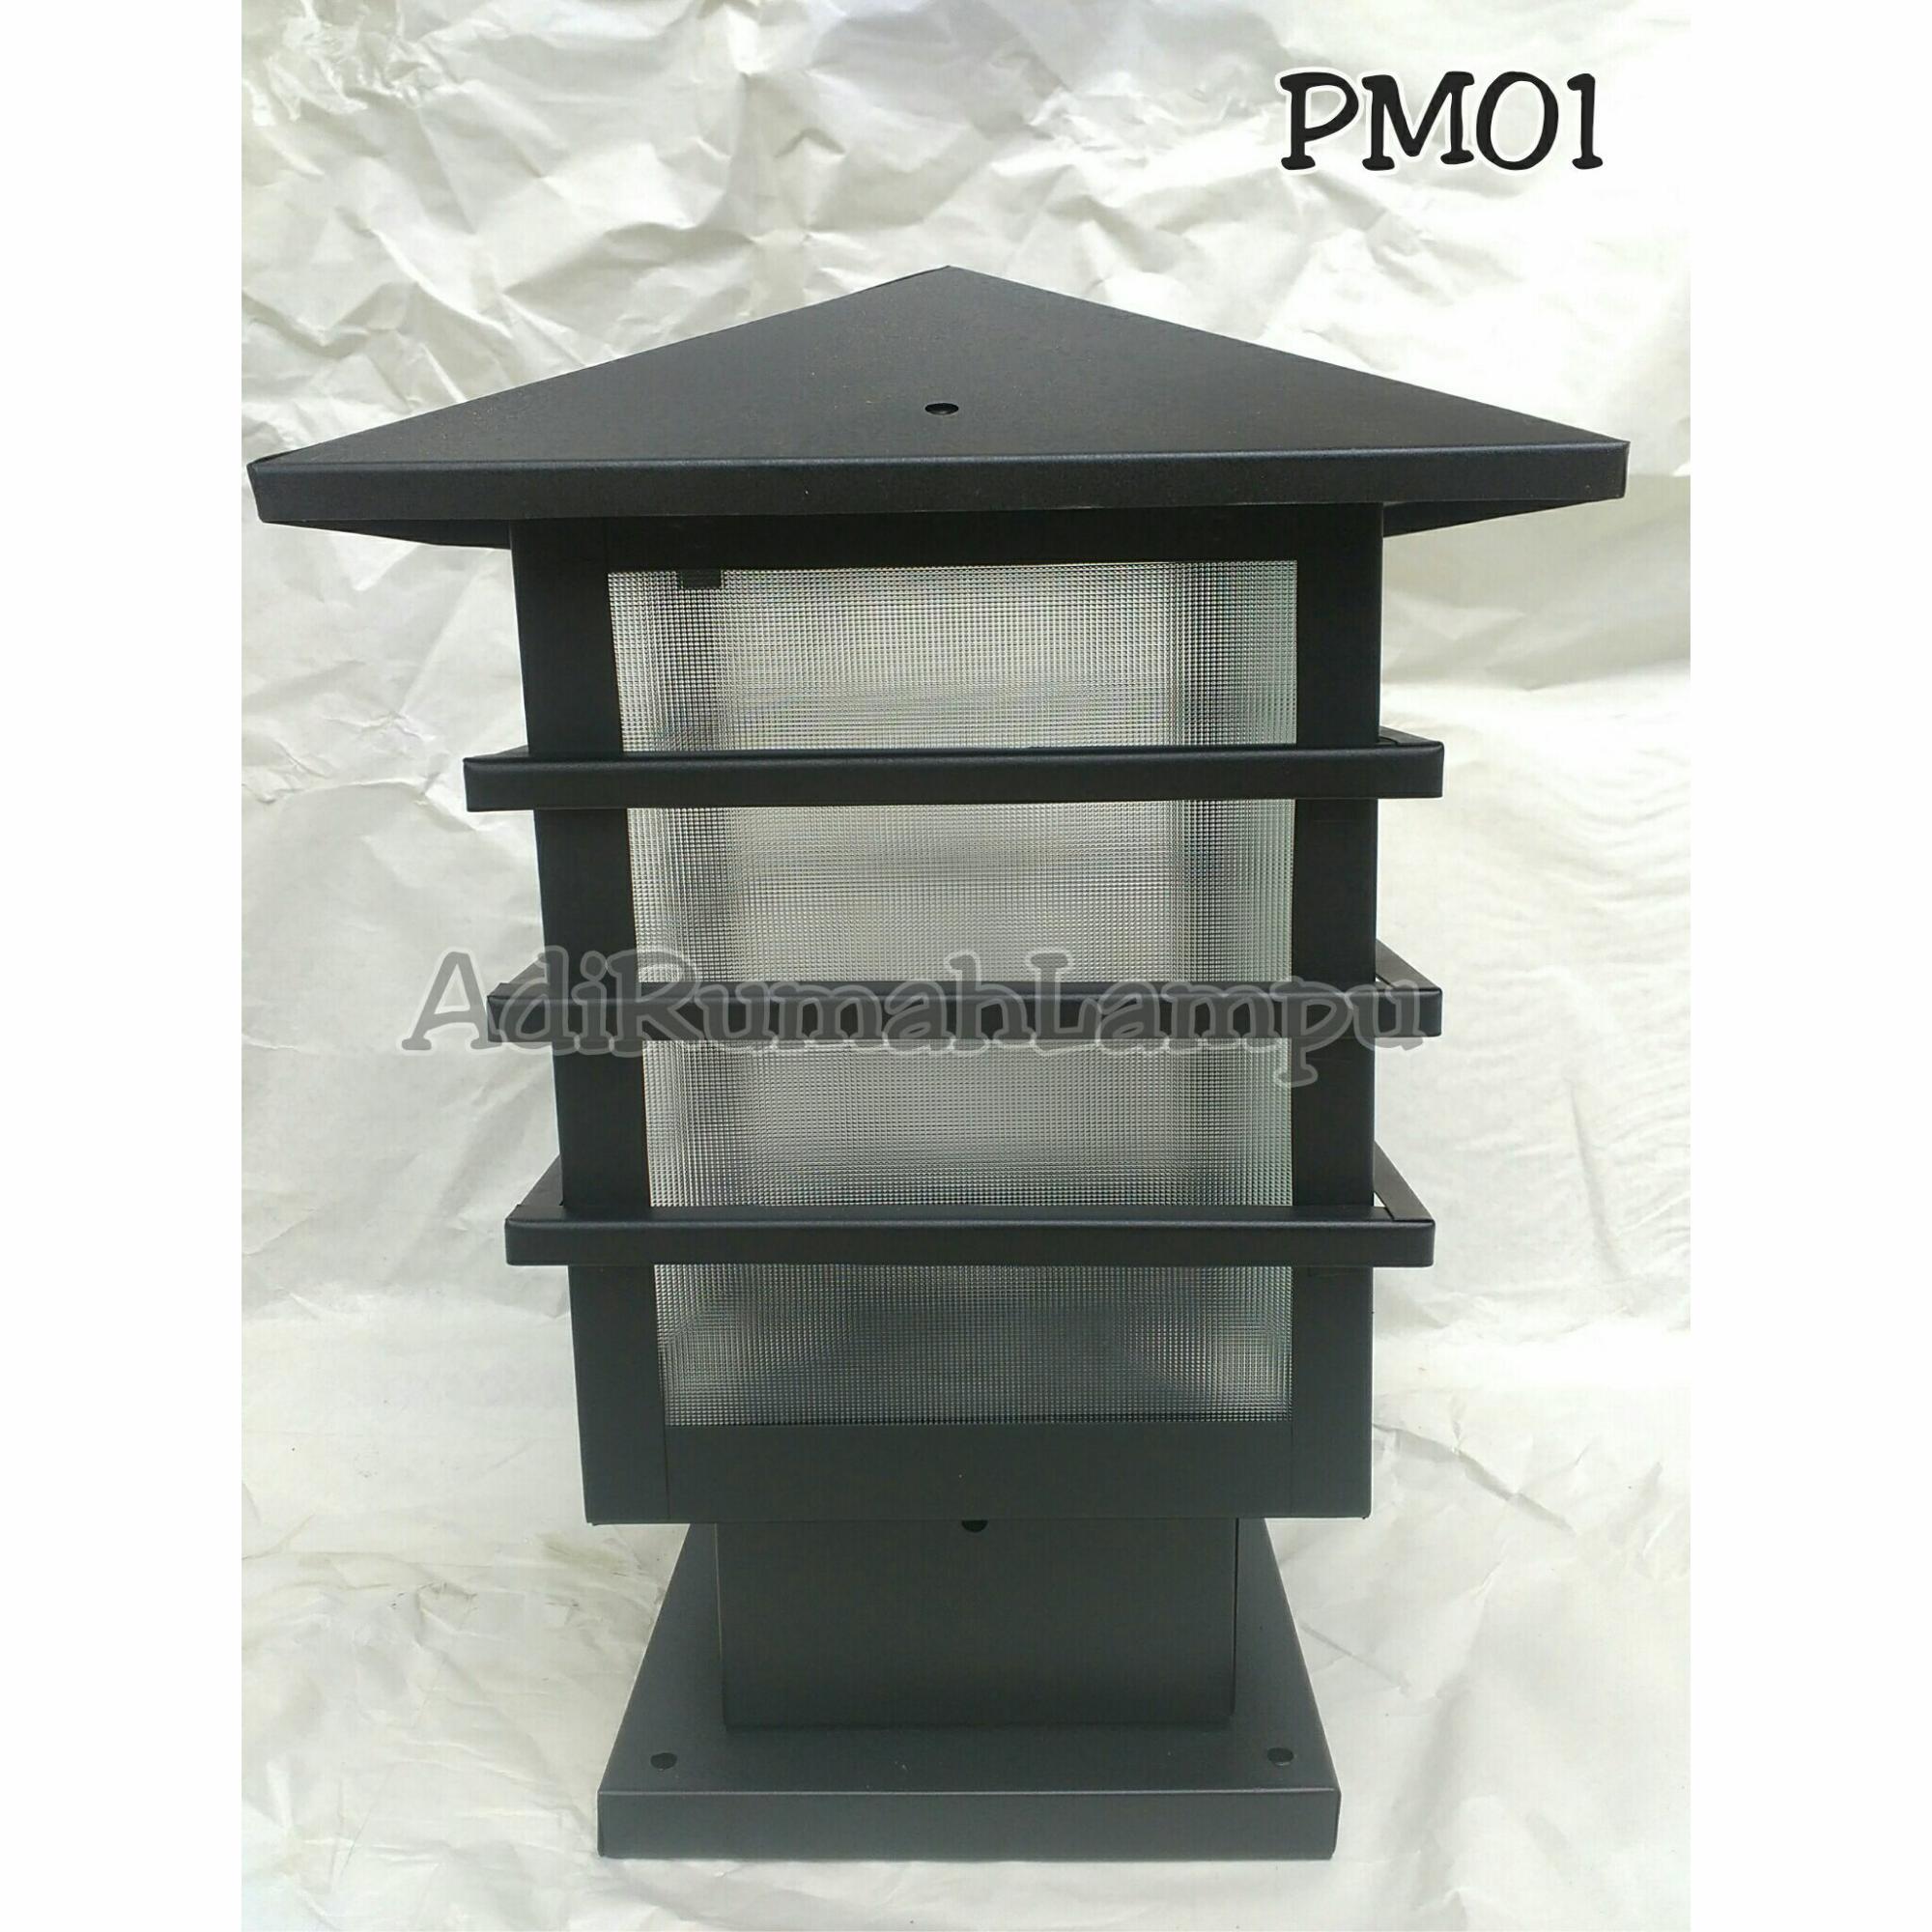 Cek Harga Baru Lampu Pilar Pagar Pm05 59bbb6 Terkini Situs 45 Taman P01